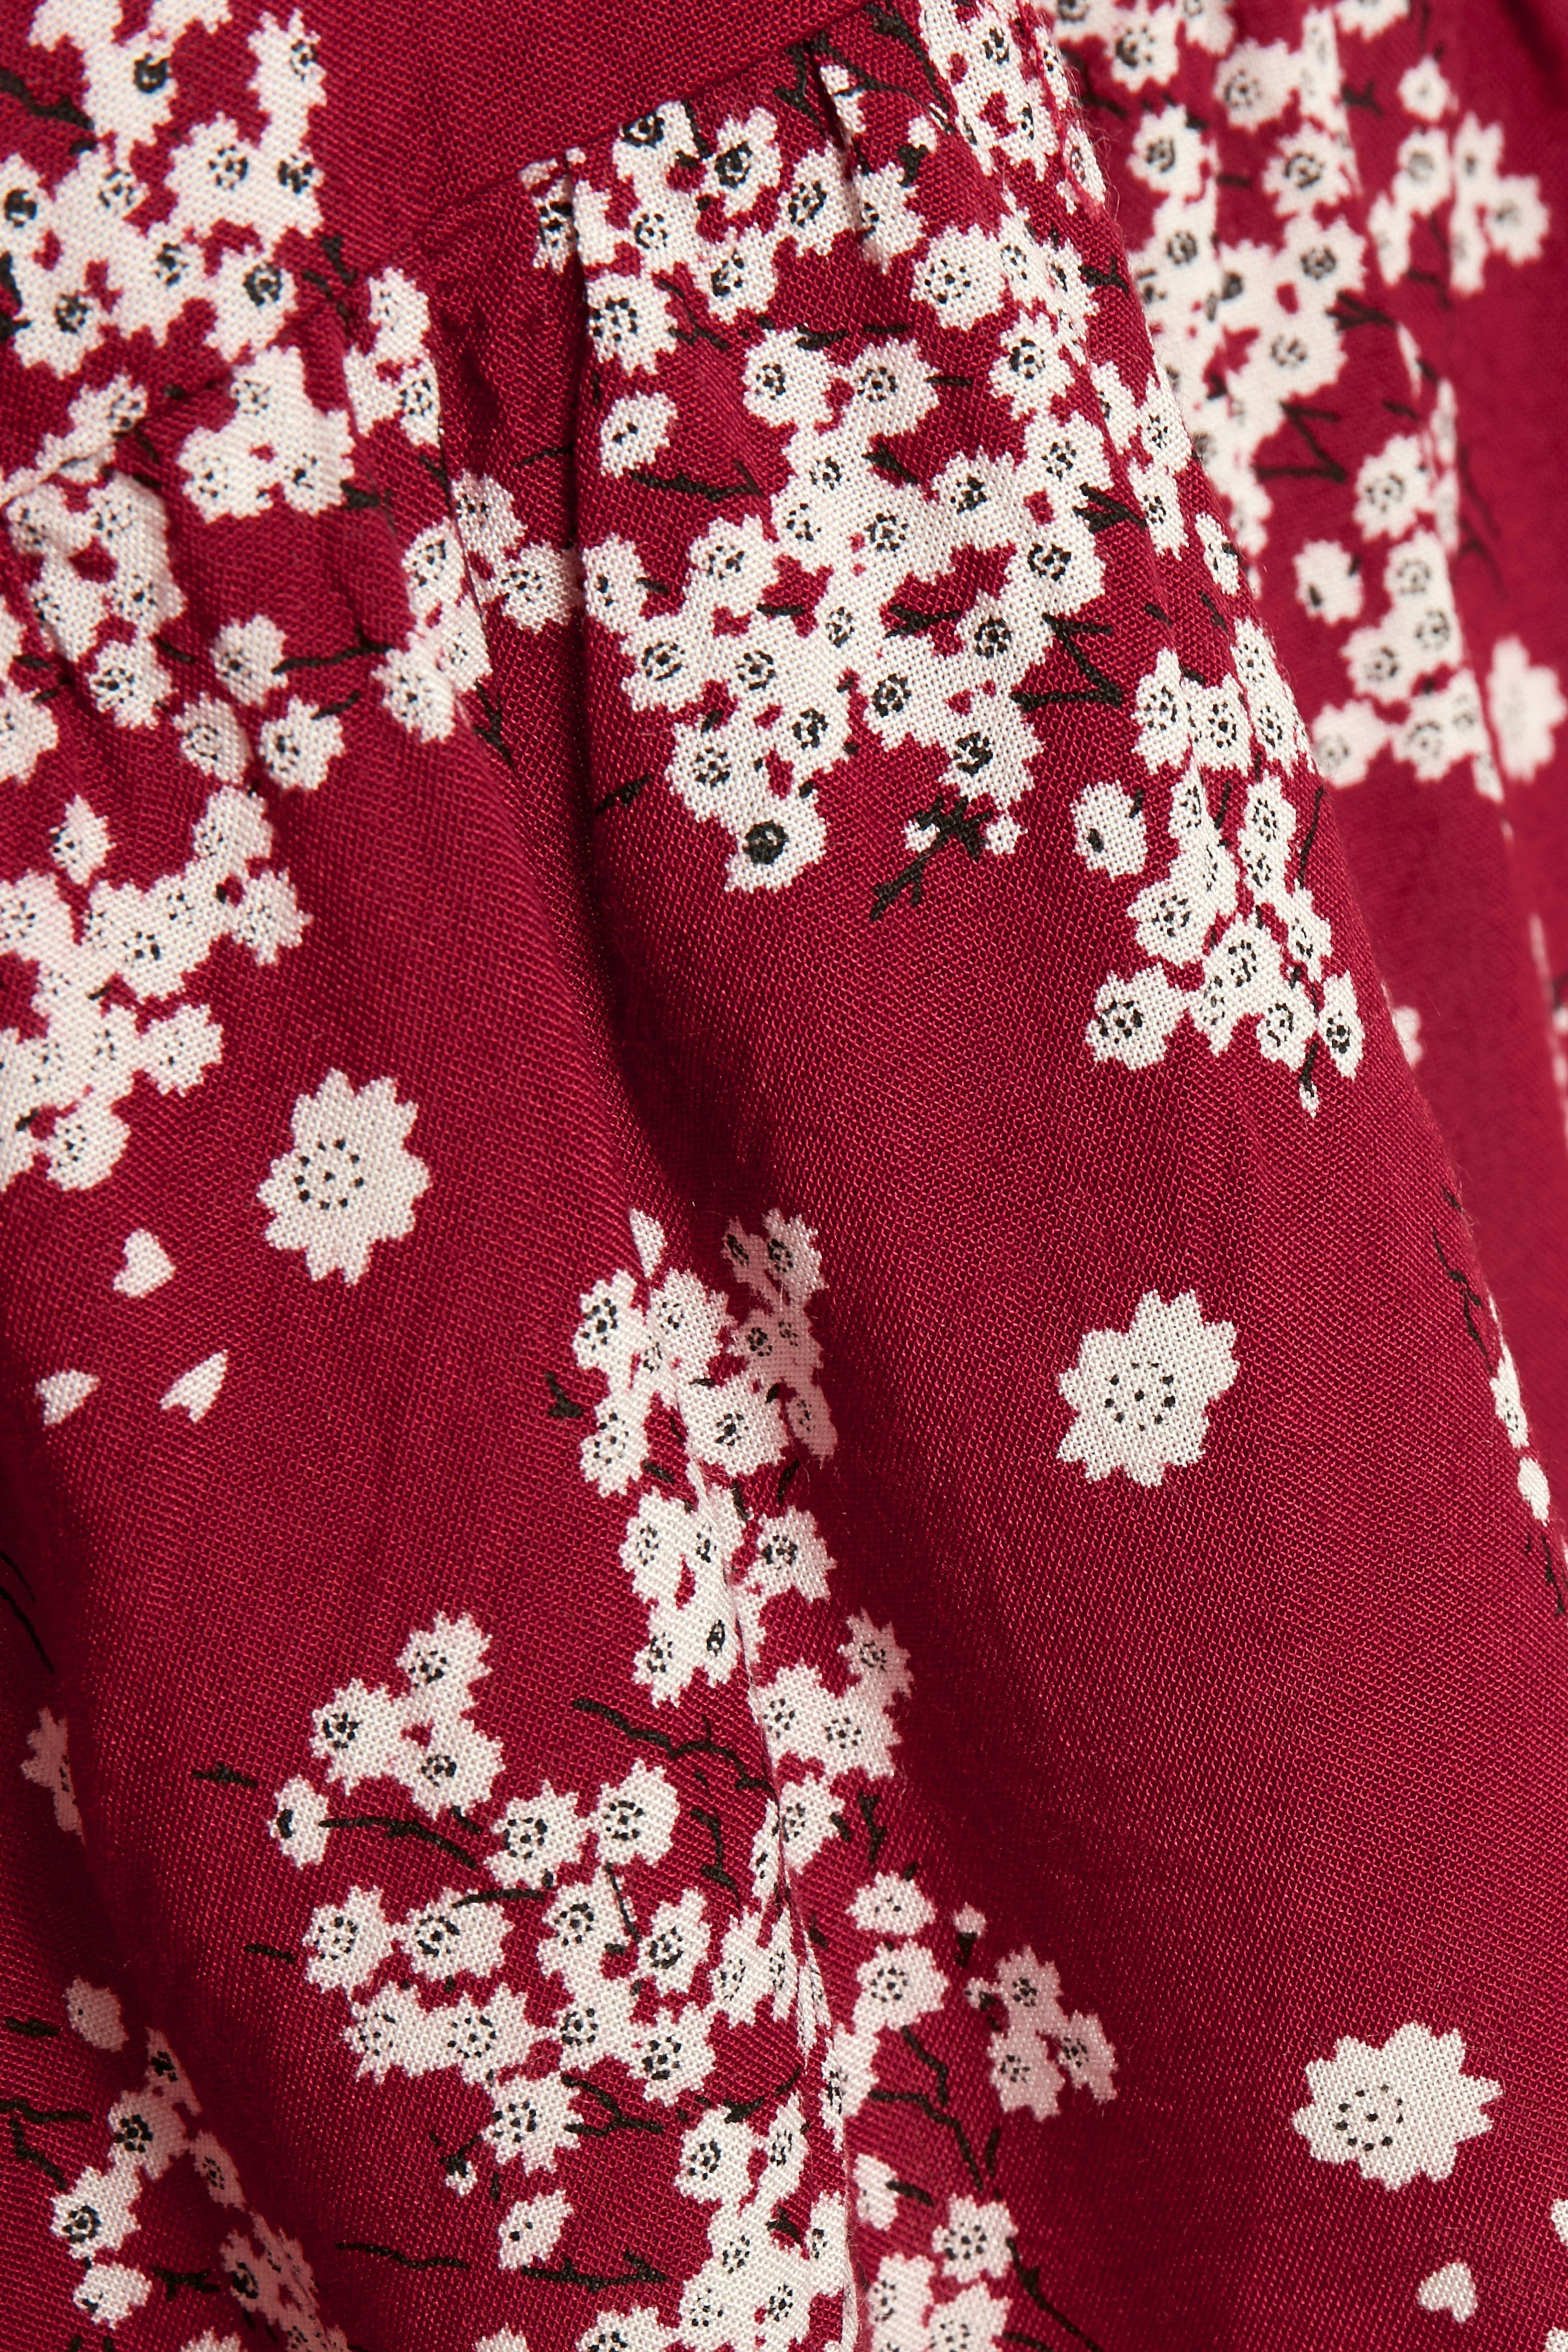 Gebranntes rot/wollweiß Bluse von Kaffe – Shoppen Sie Gebranntes rot/wollweiß Bluse ab Gr. 34-46 hier